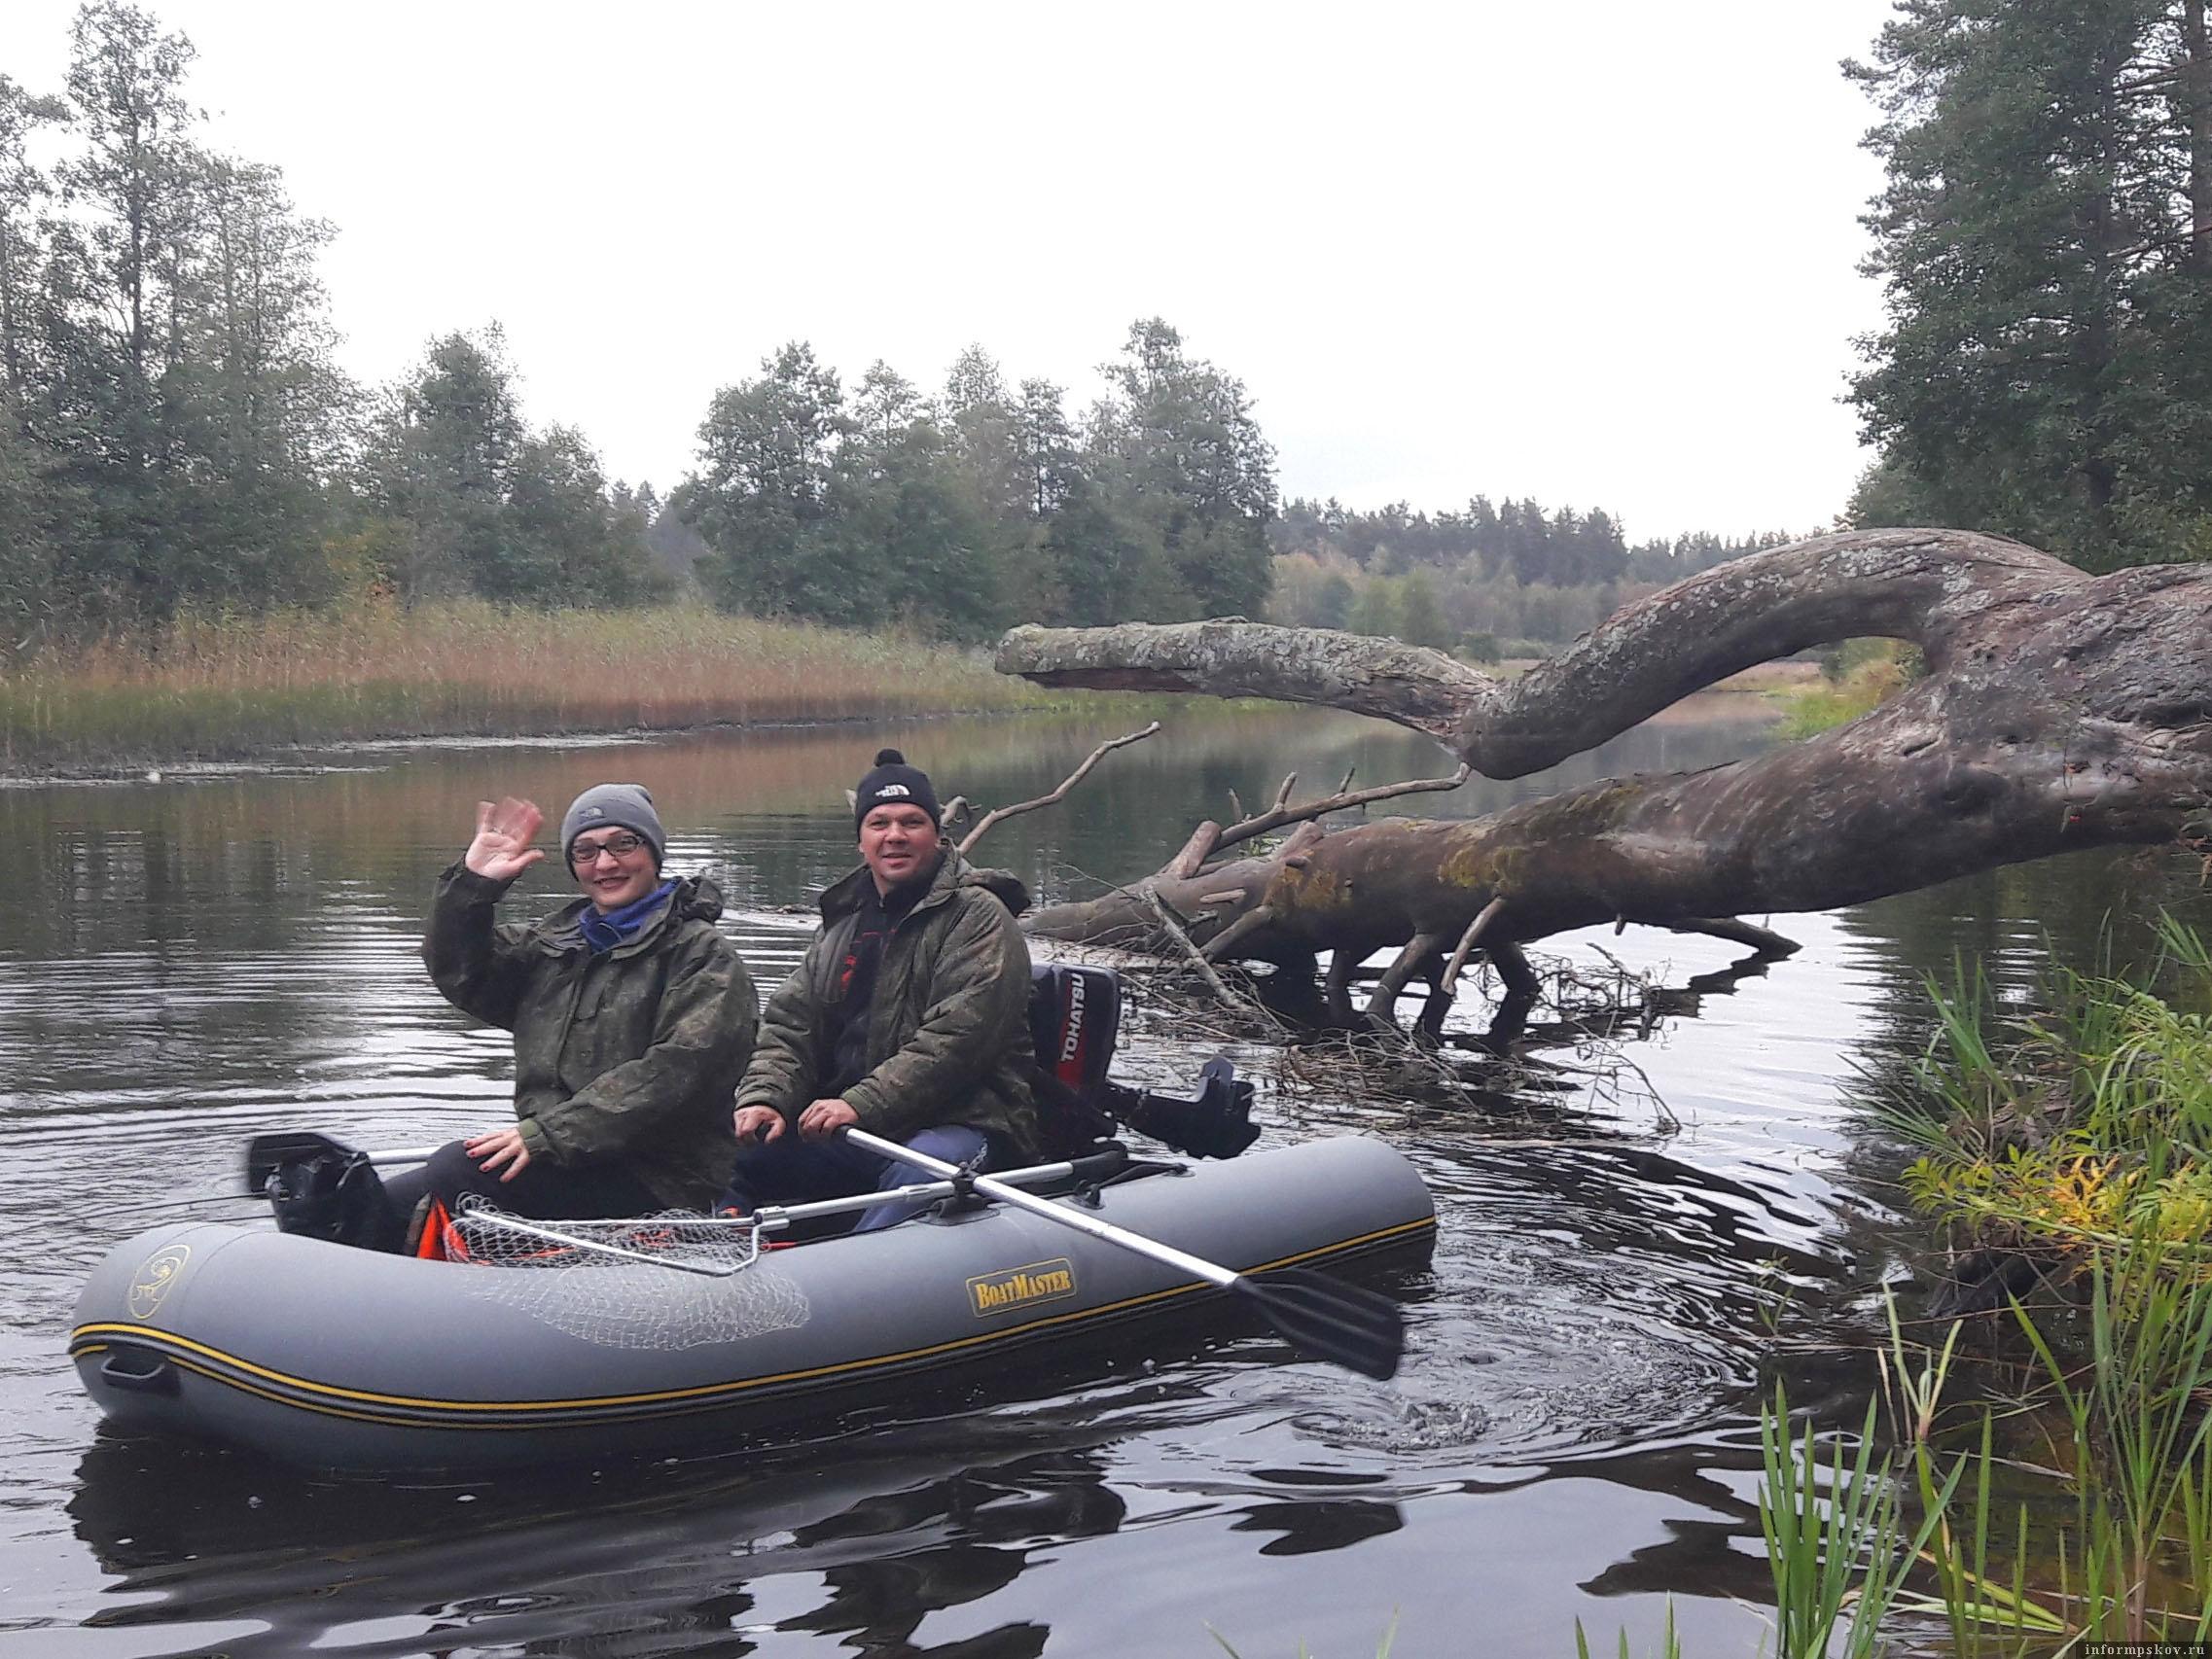 Сваленная в реку сосна привлекает и туристов и рыболовов. Ну, и как здесь не сфотографироваться на память? Фото из архива автора.